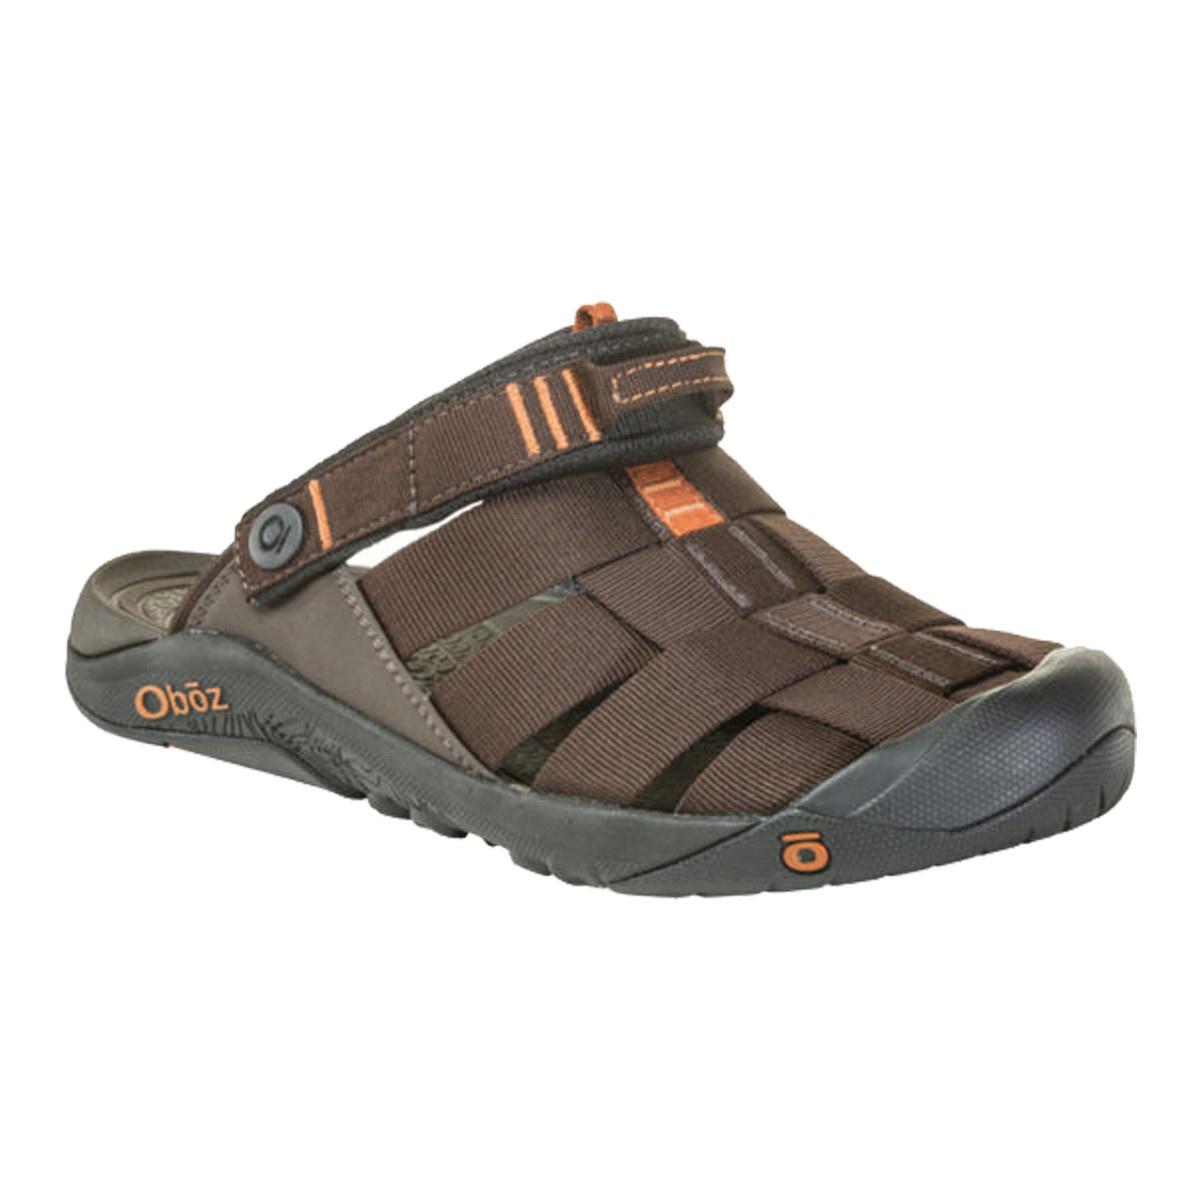 Oboz Oboz Men's Campster Sandal